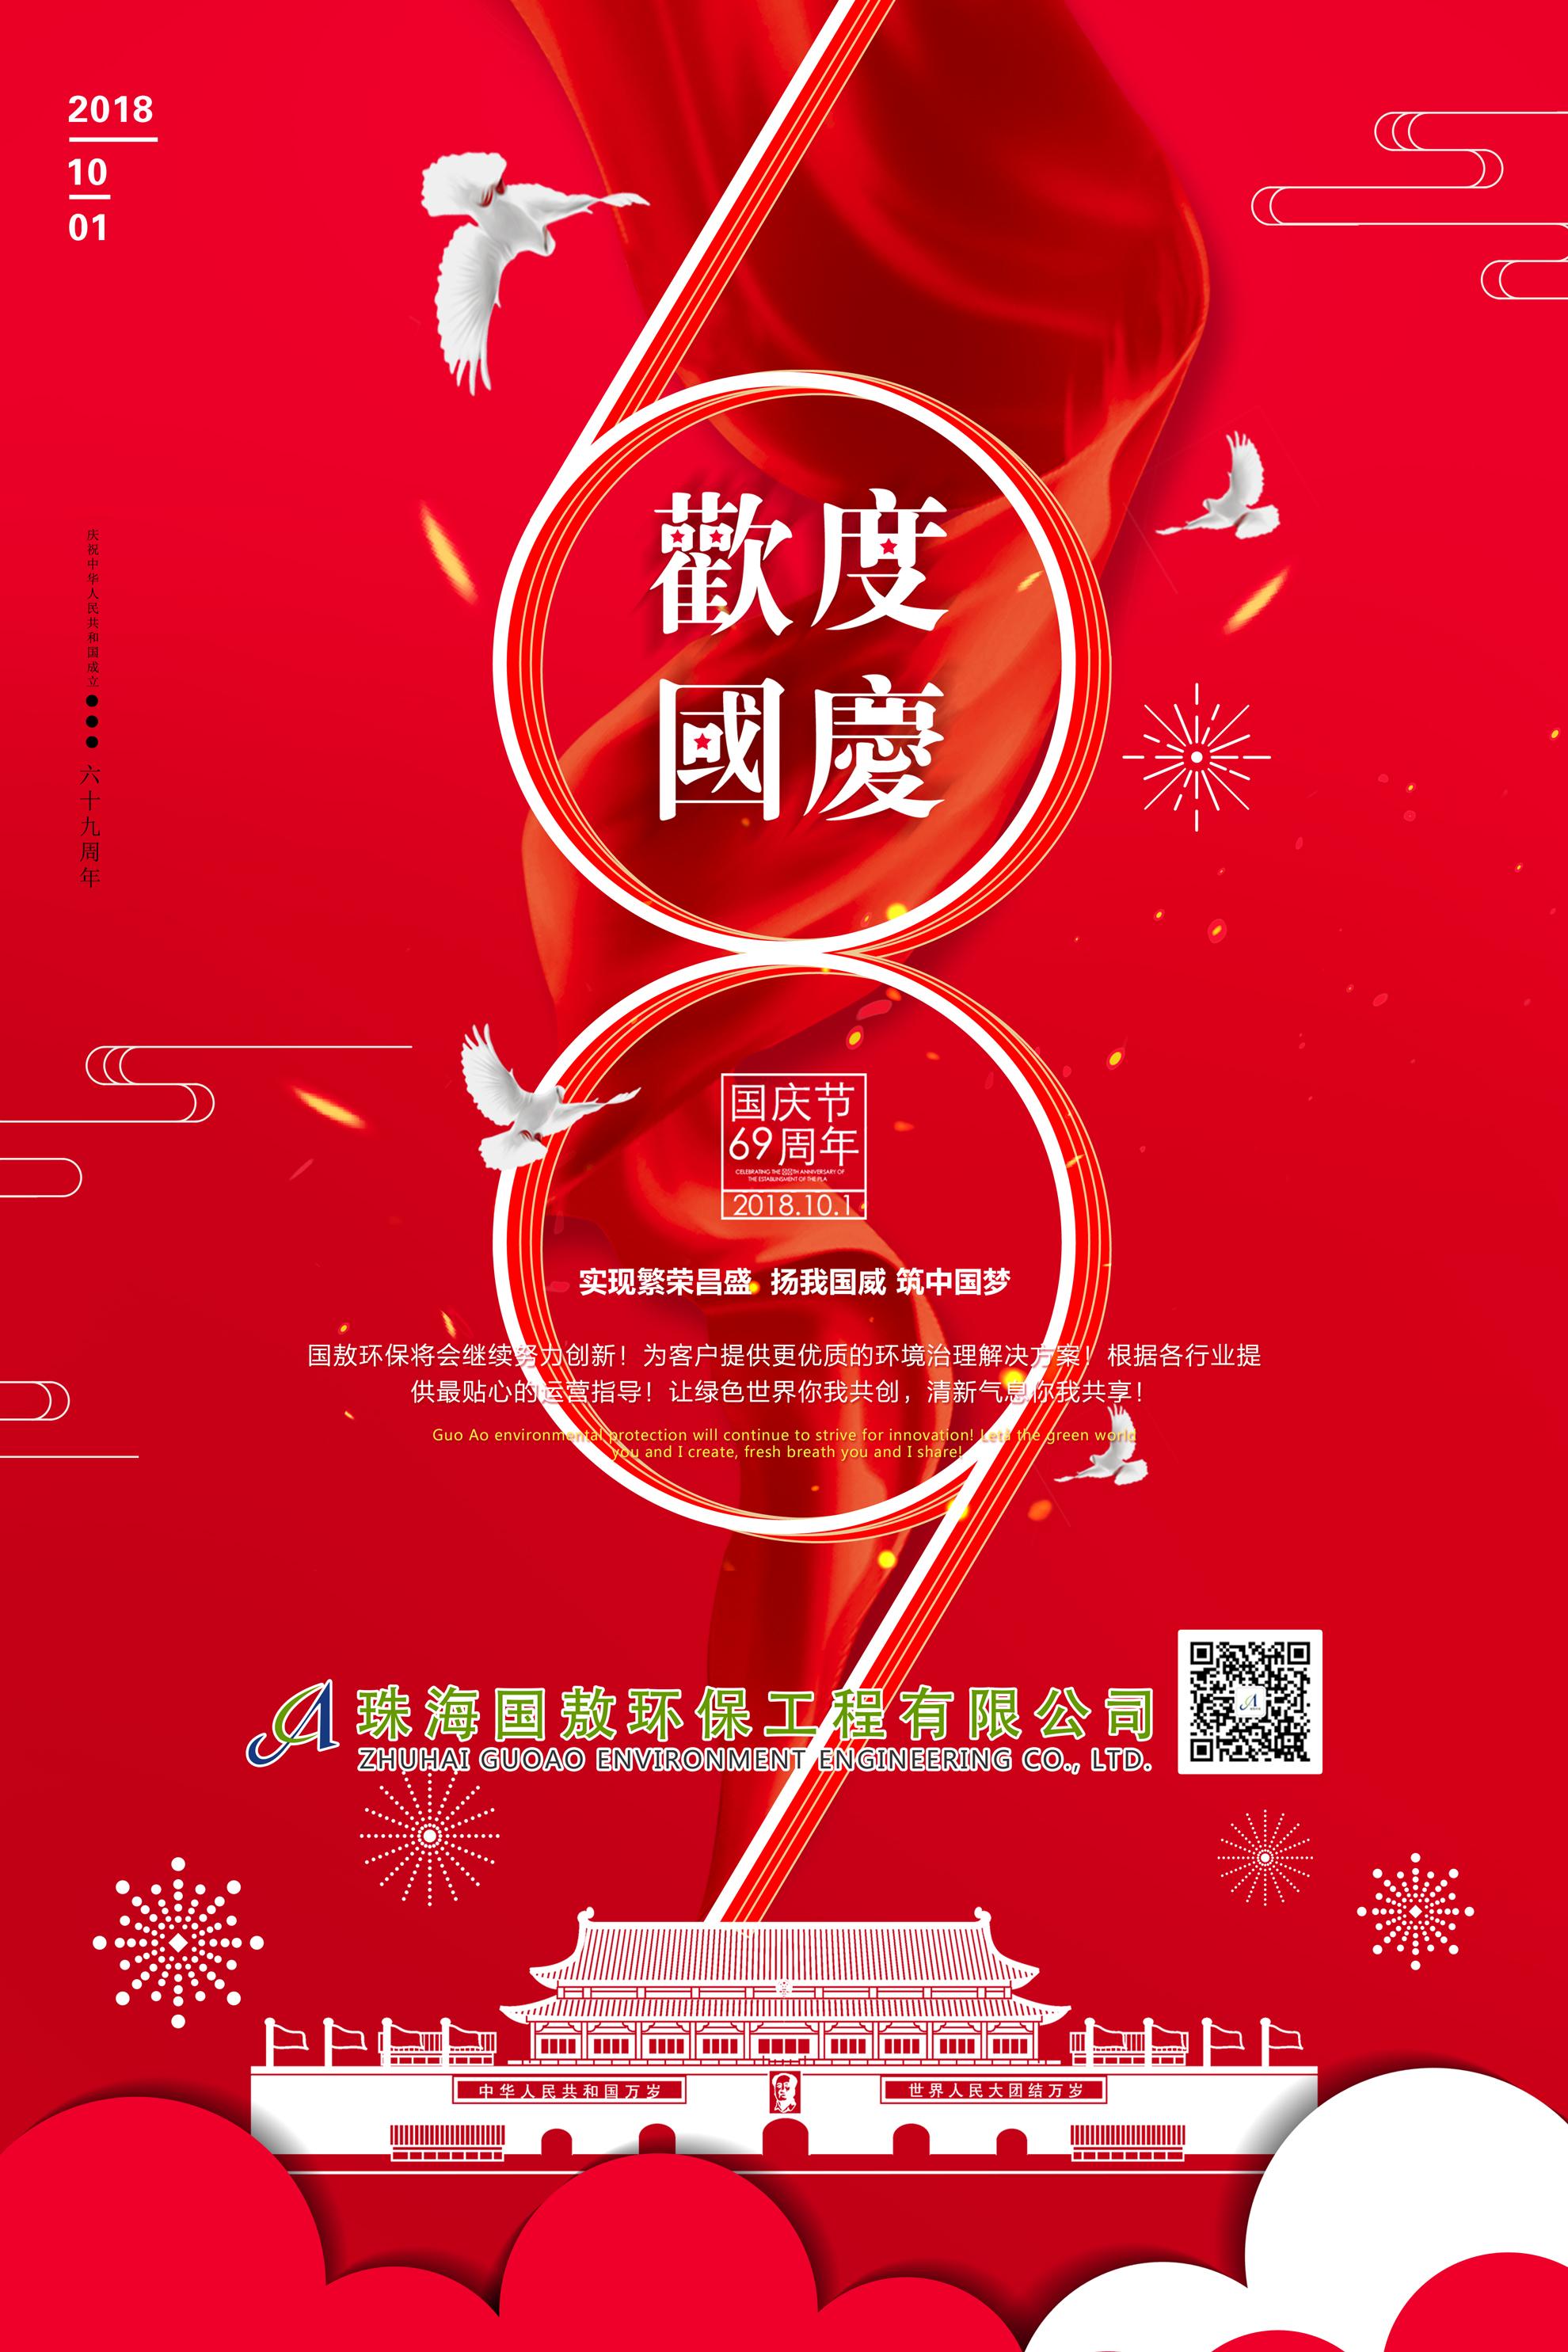 国敖环保热烈庆祝中华人民共和国成立69周年